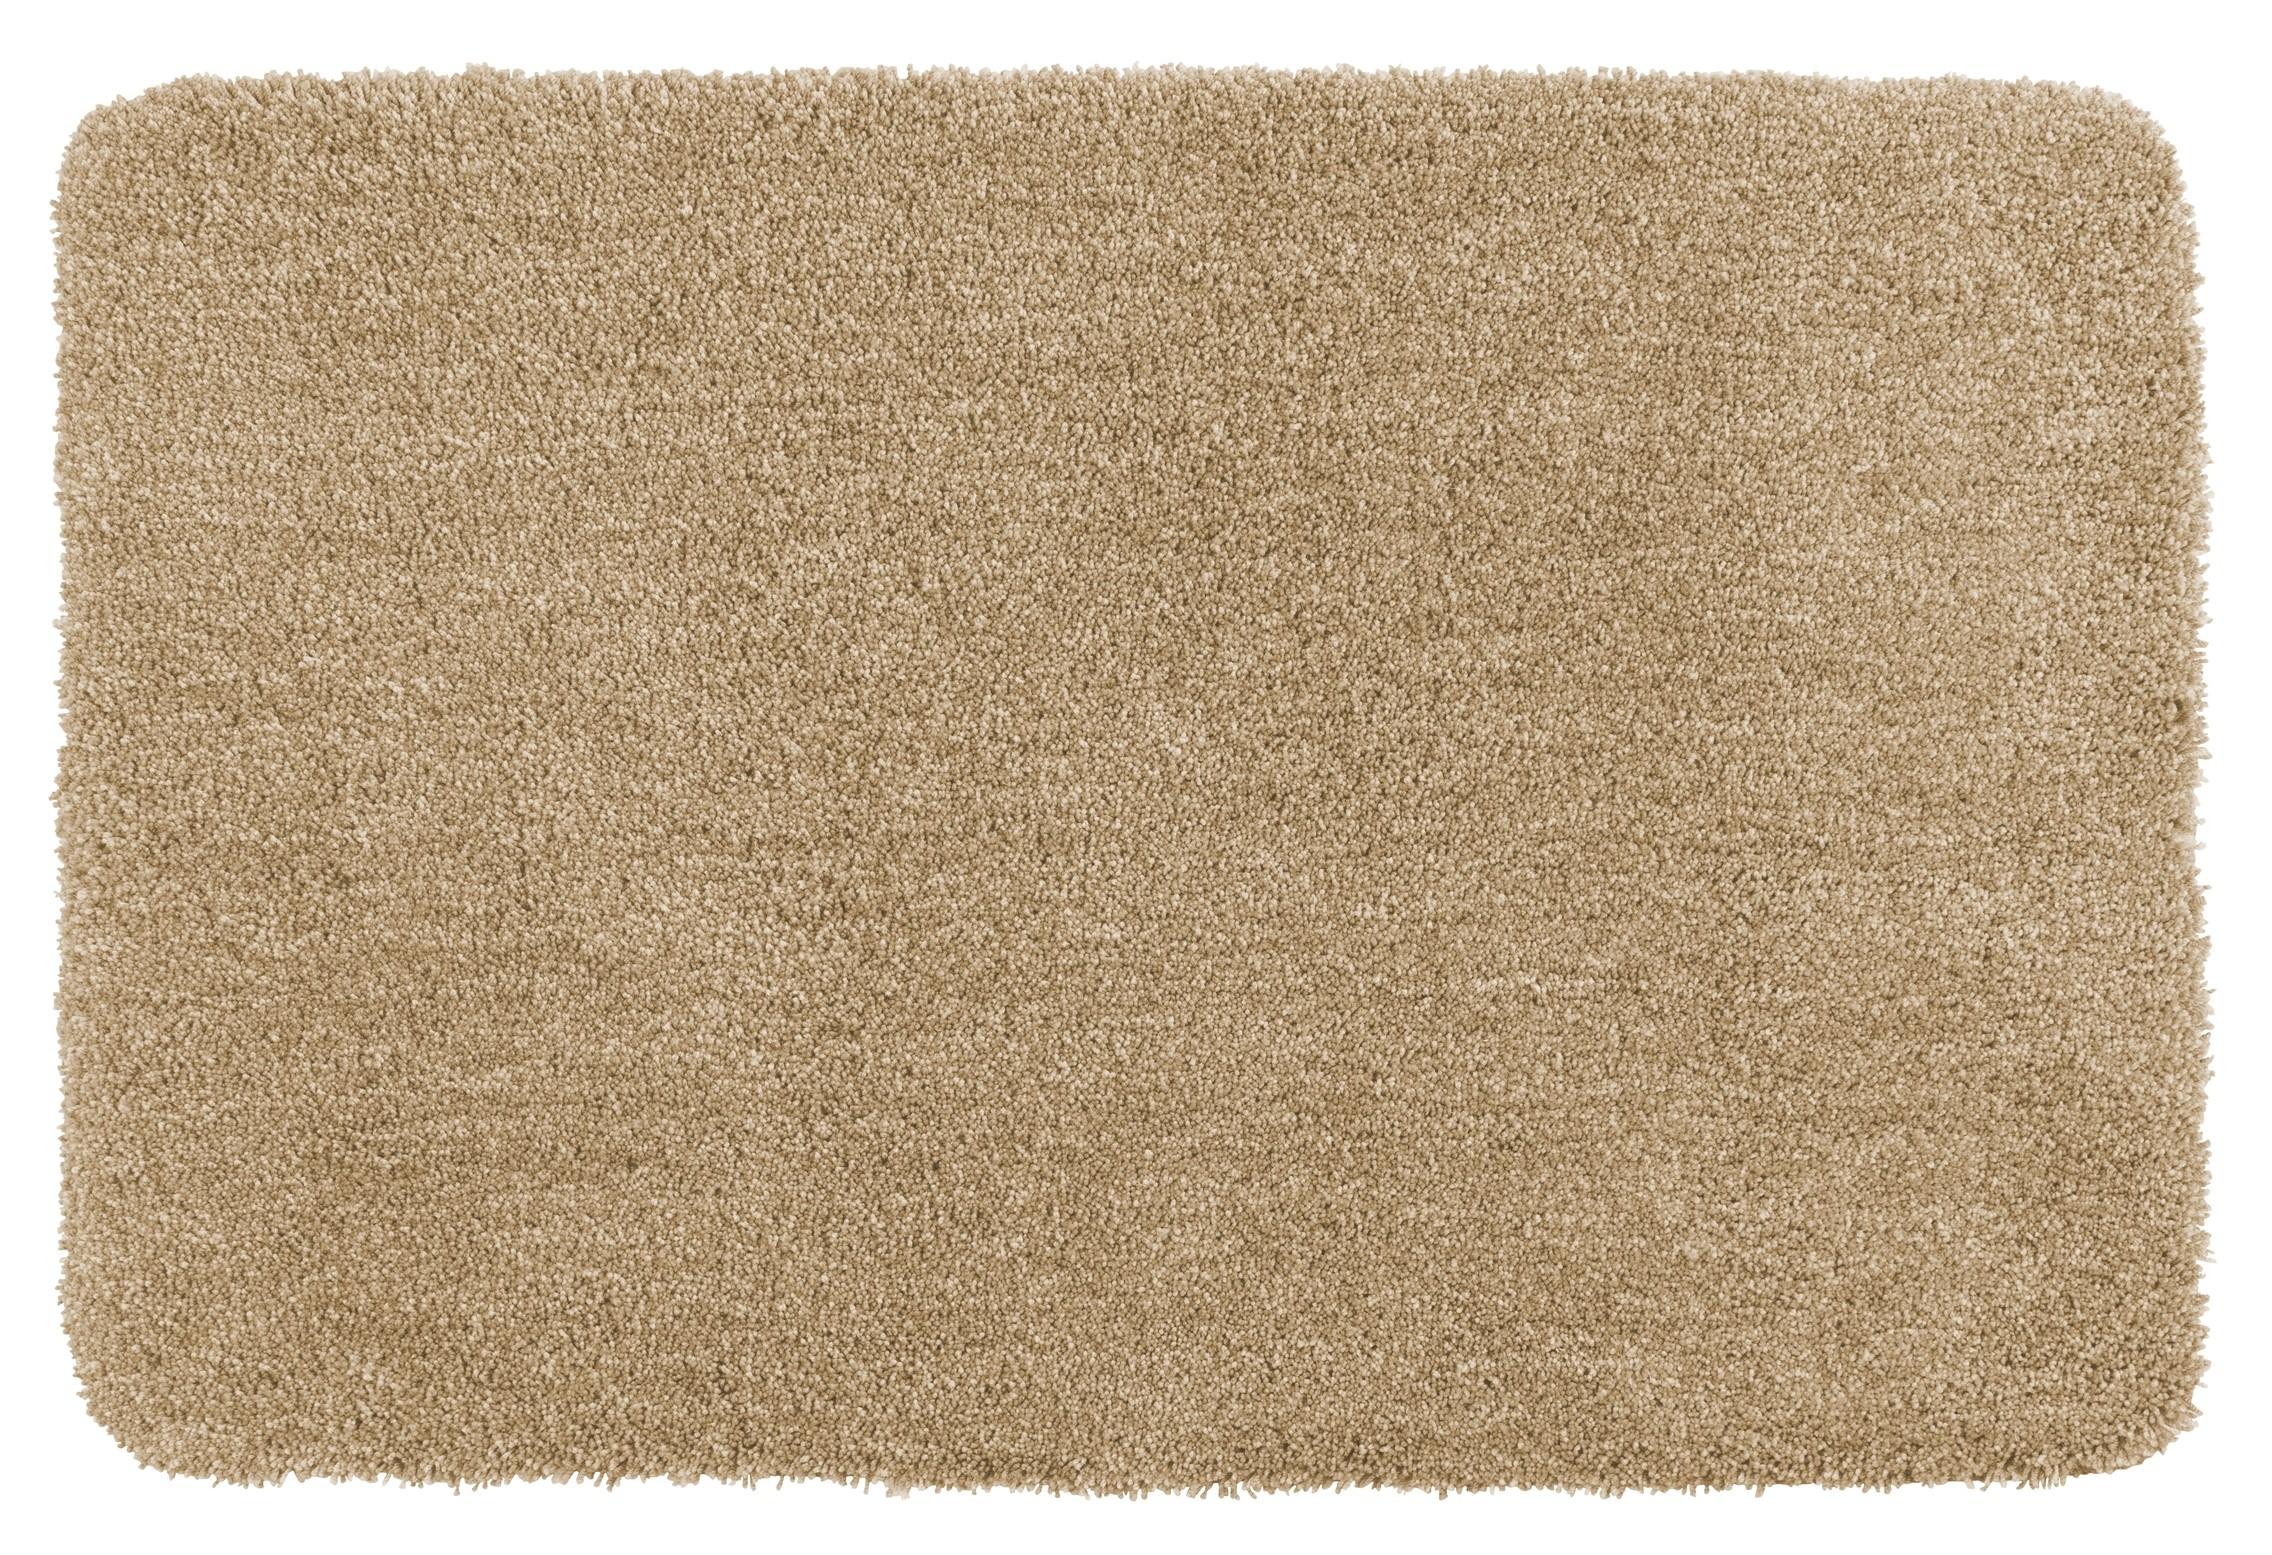 Wenko Badteppich Mélange Sand, 70 x 120 cm, Mikrofaser